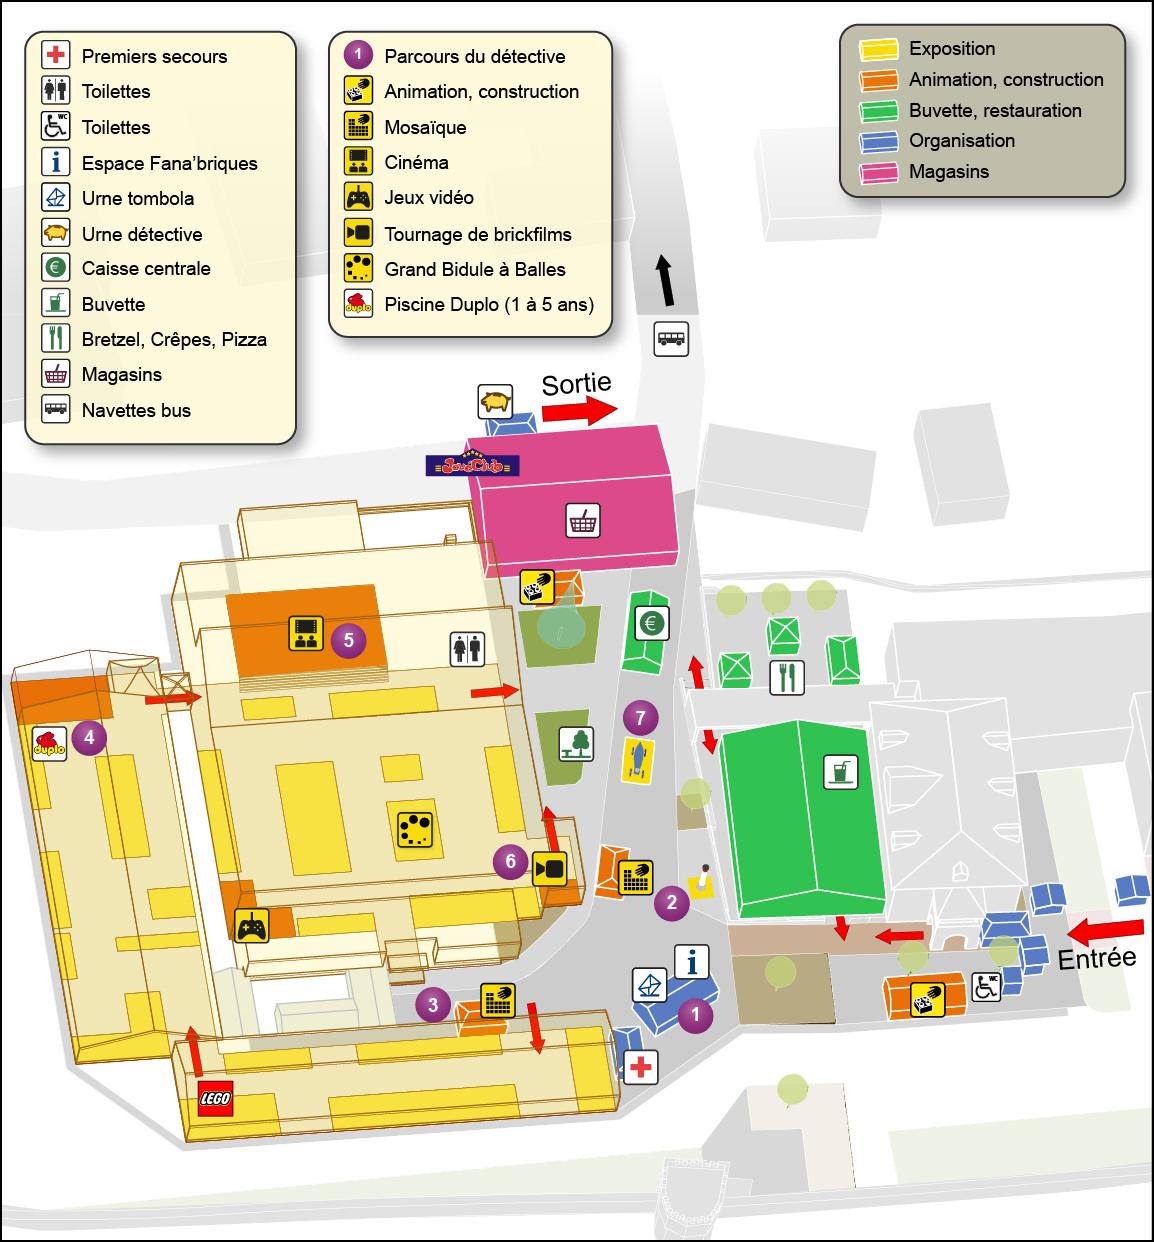 [Expo] Retour sur Fanabriques 2014 à Rosheim Plan%20Site%203d